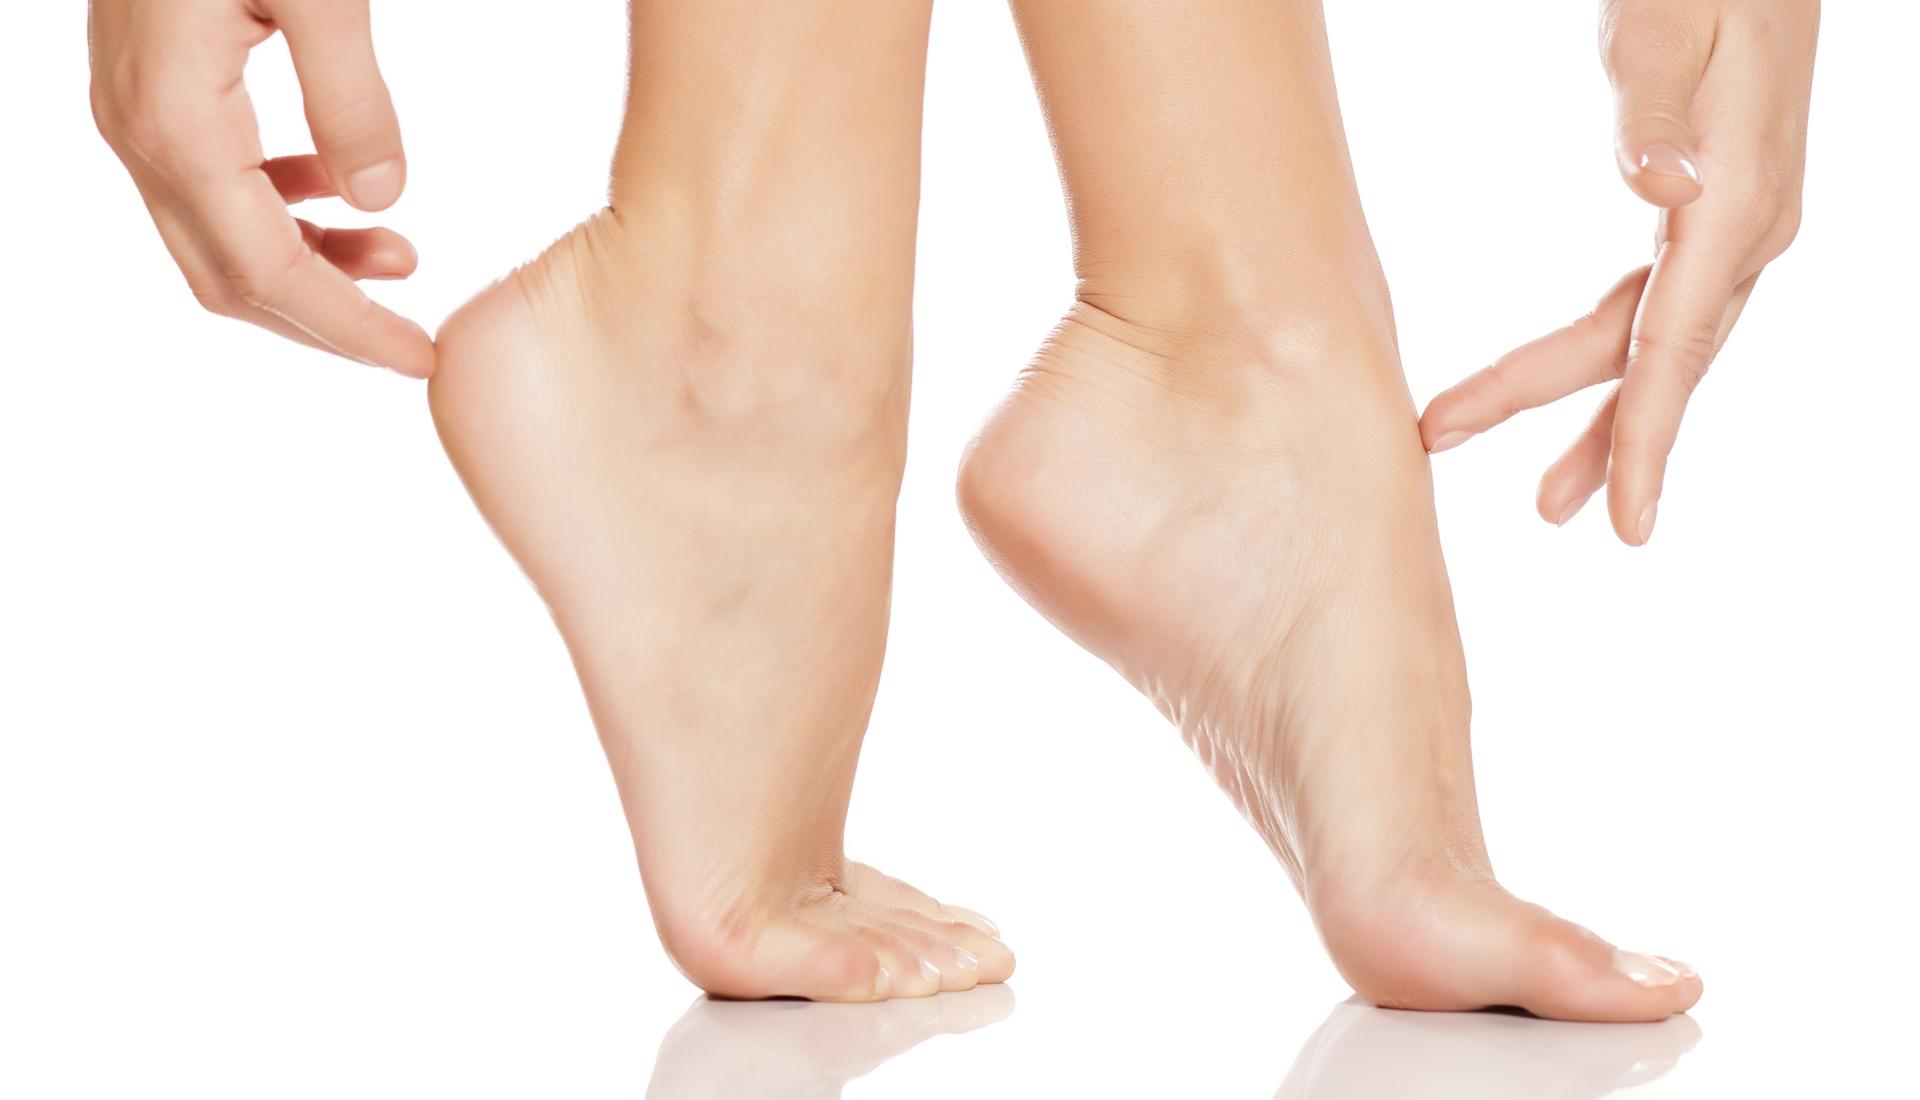 Podoval - bellezza a piedi nudi